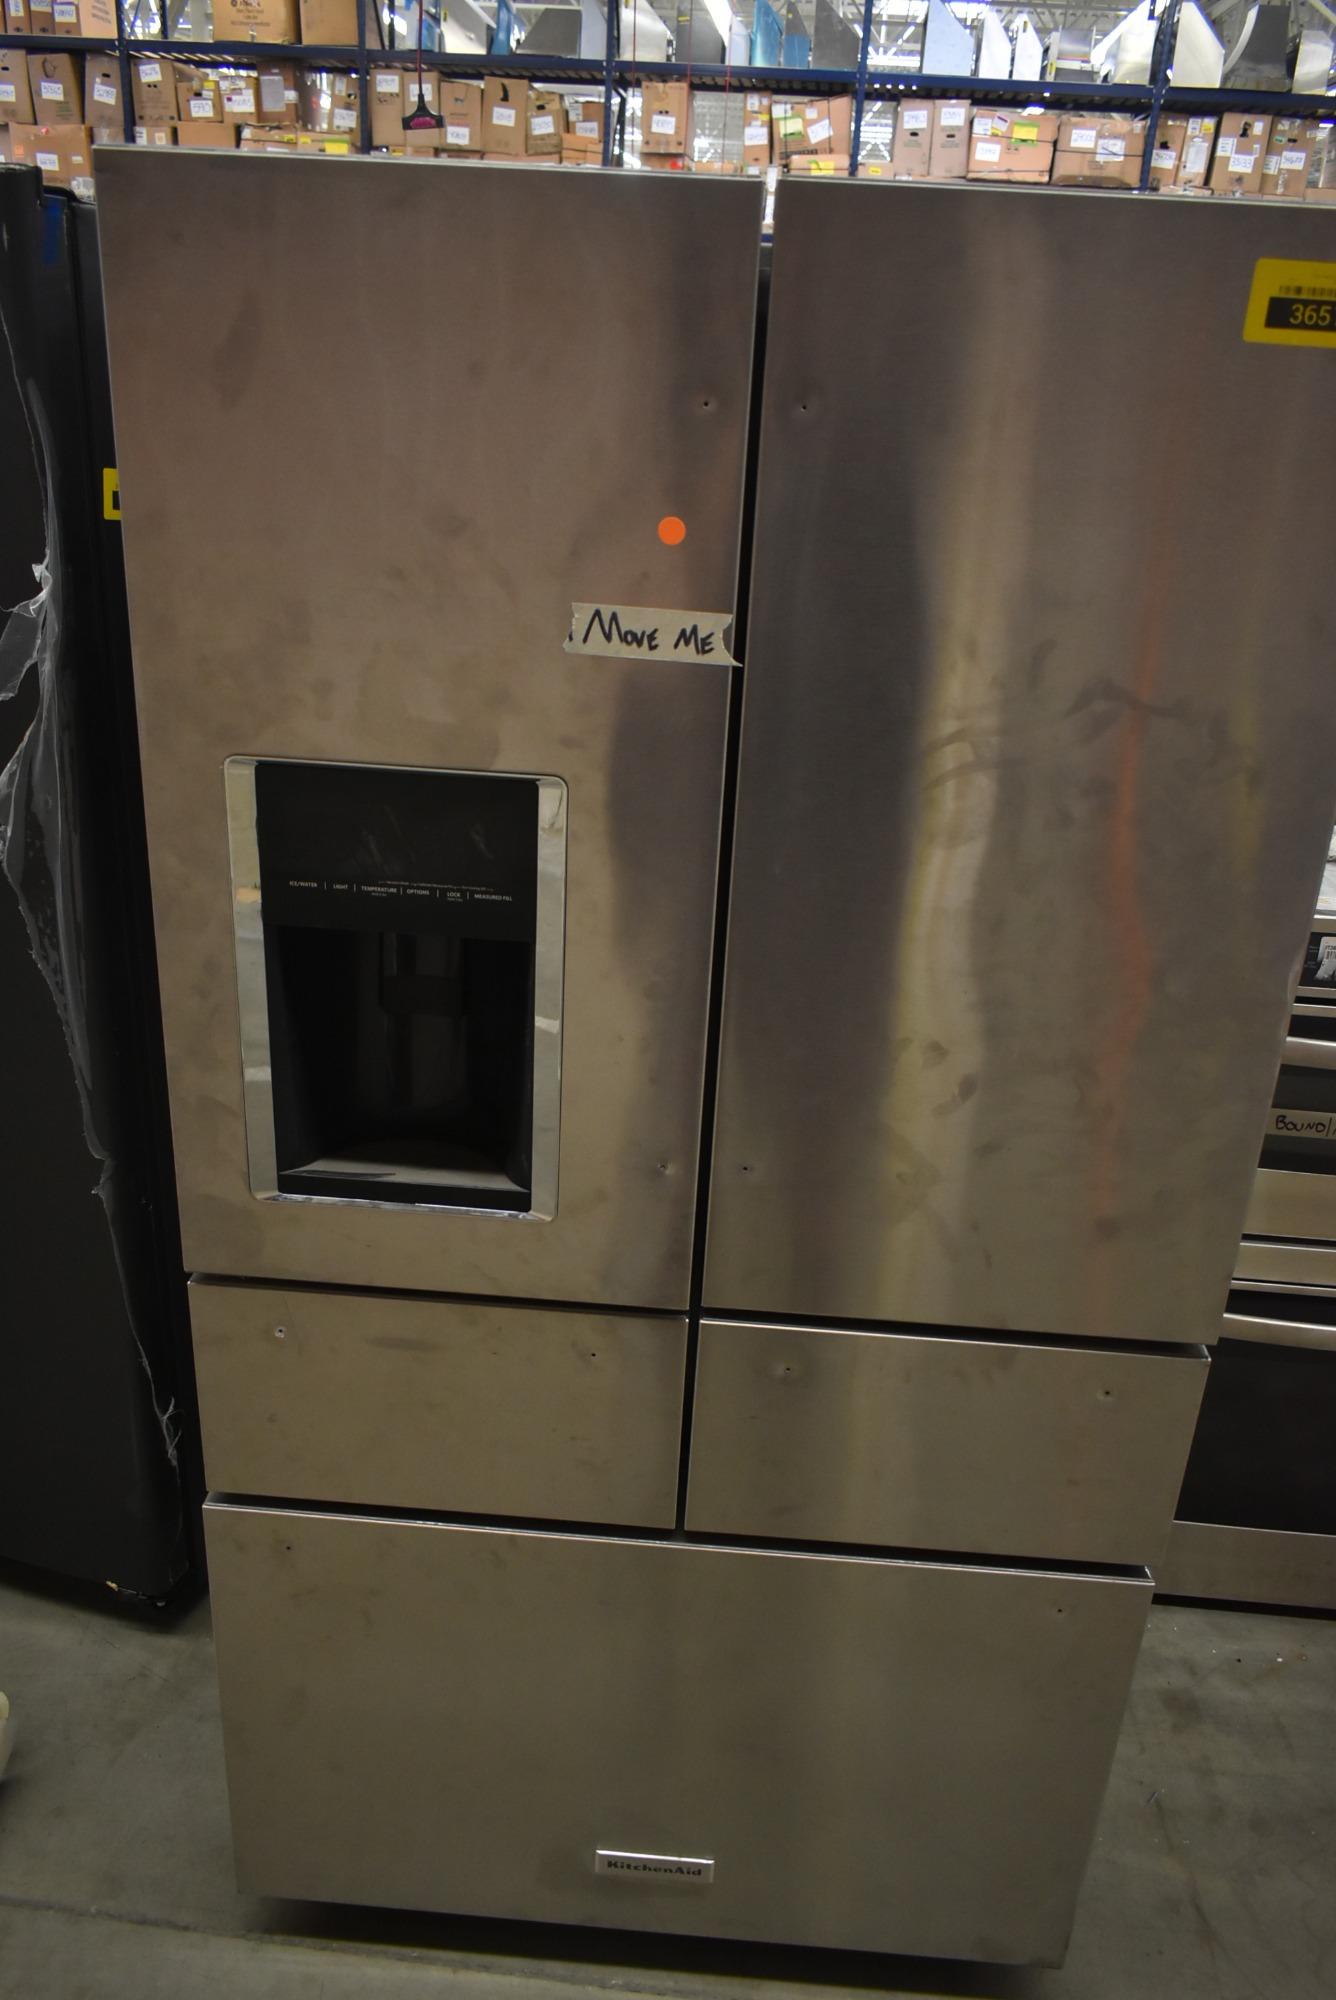 KitchenAid KRMF706ESS 36